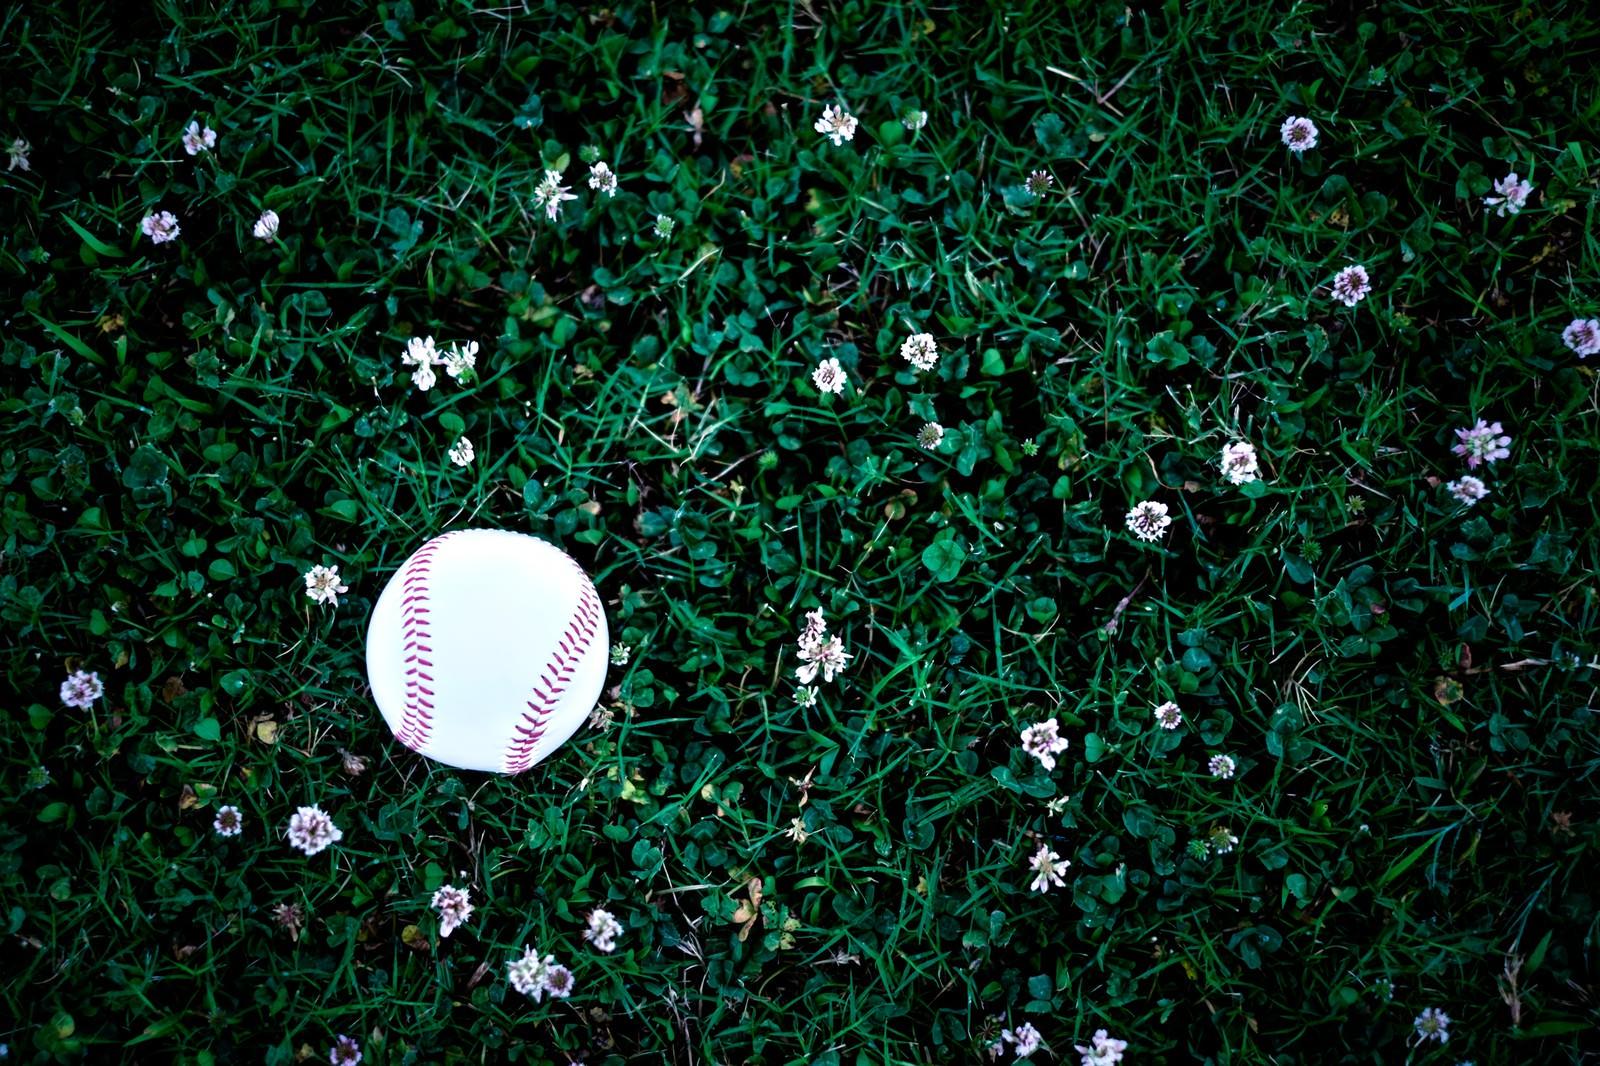 「片付け忘れた野球のボール」の写真